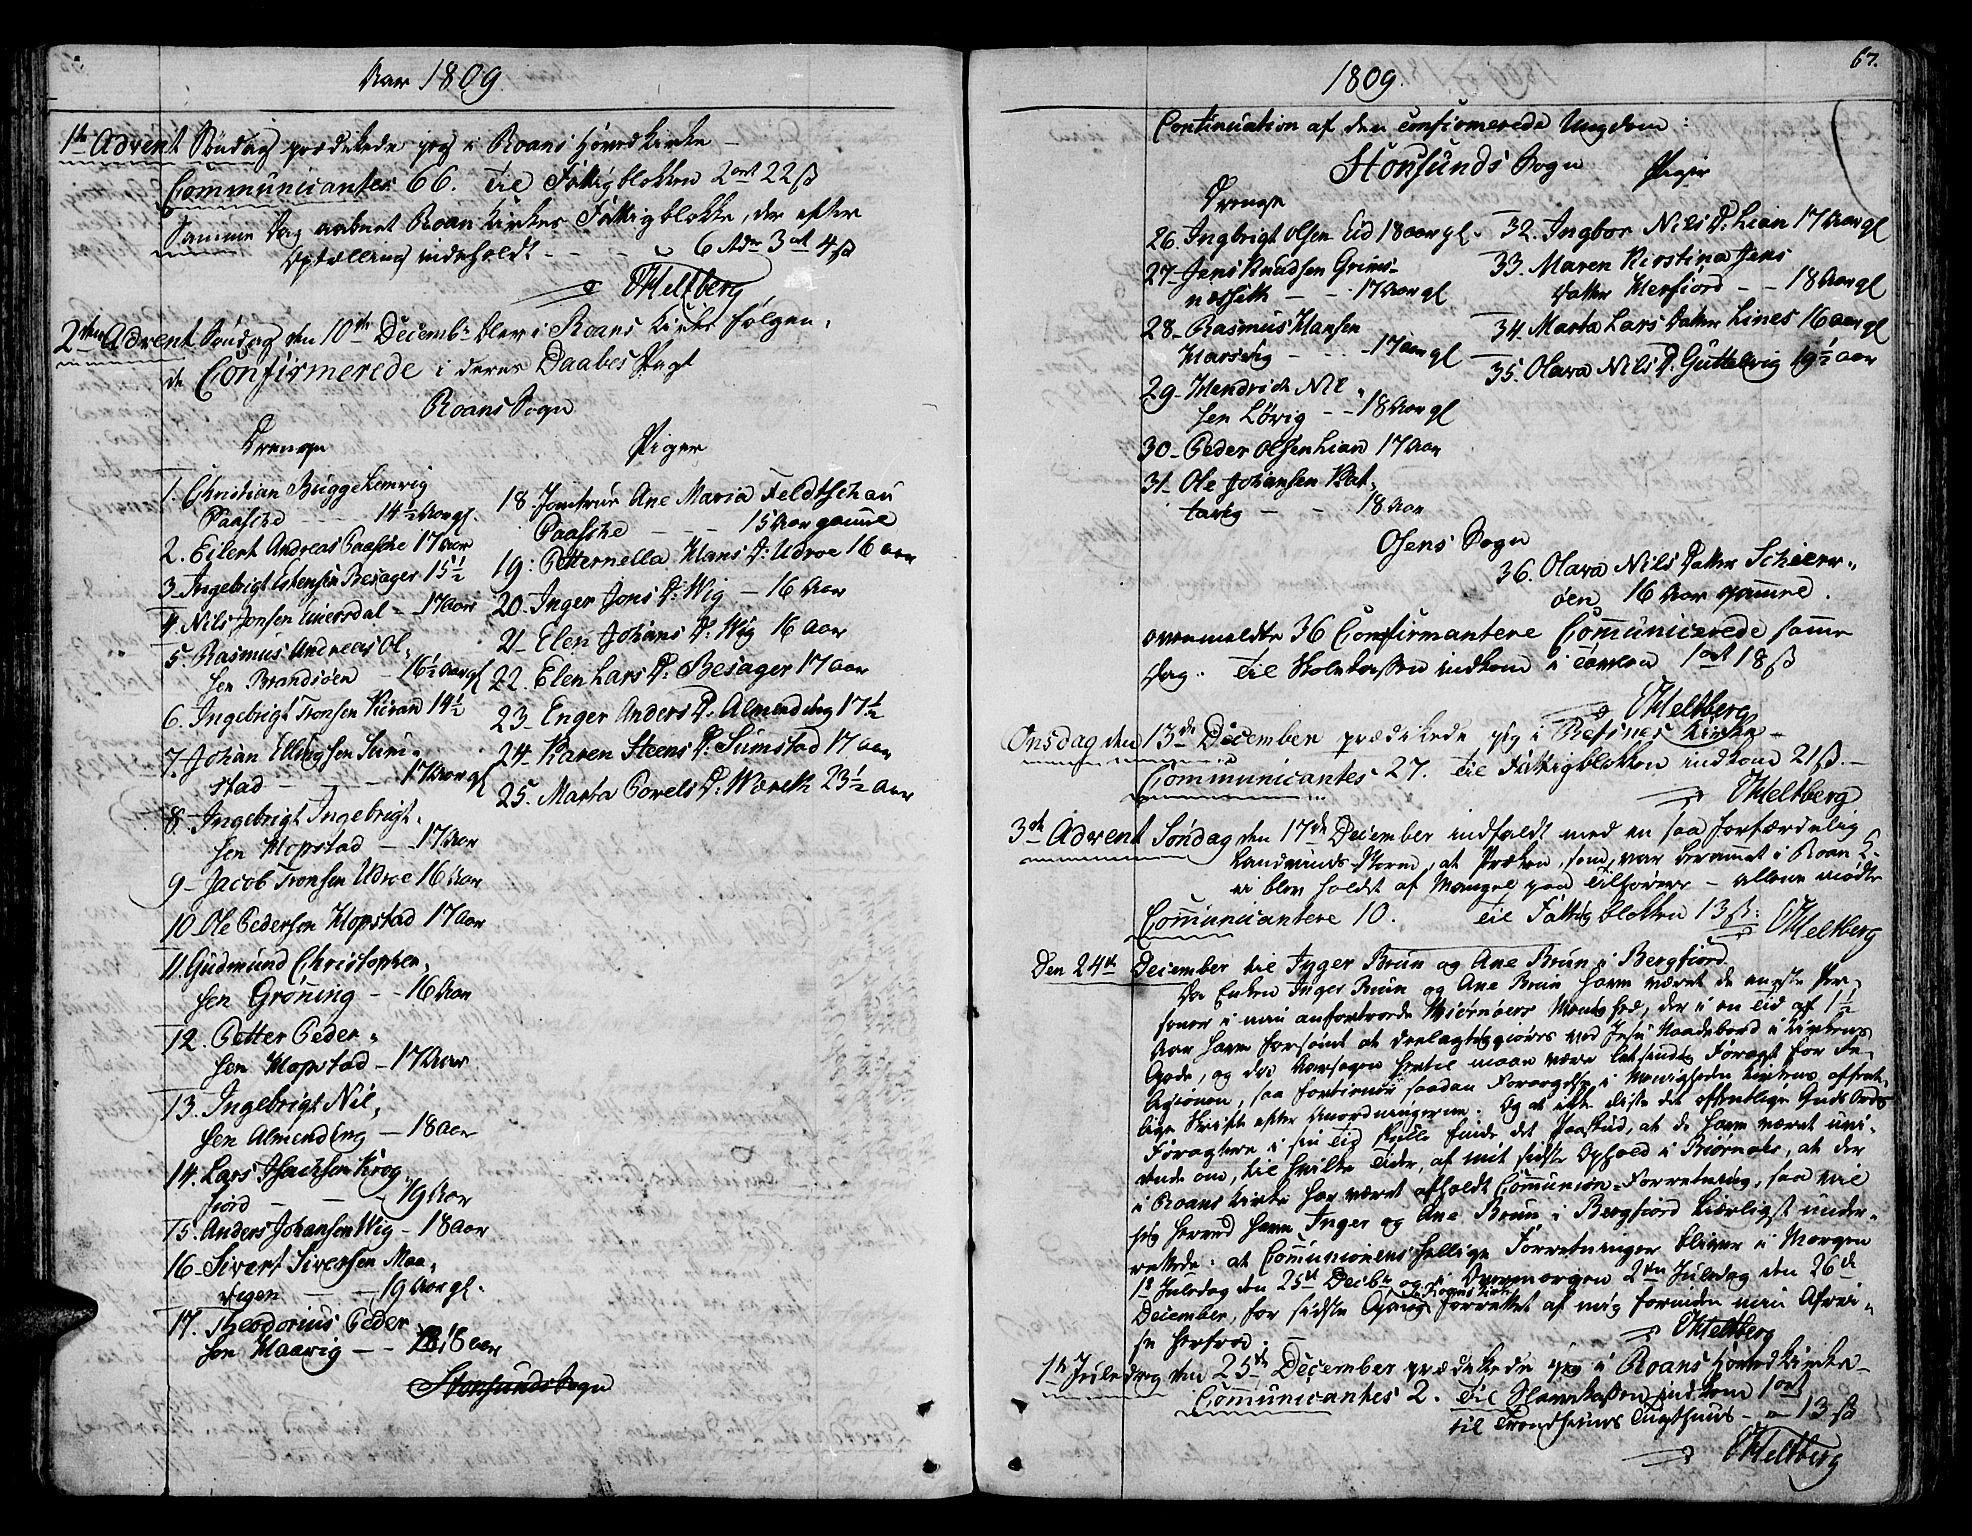 SAT, Ministerialprotokoller, klokkerbøker og fødselsregistre - Sør-Trøndelag, 657/L0701: Ministerialbok nr. 657A02, 1802-1831, s. 67